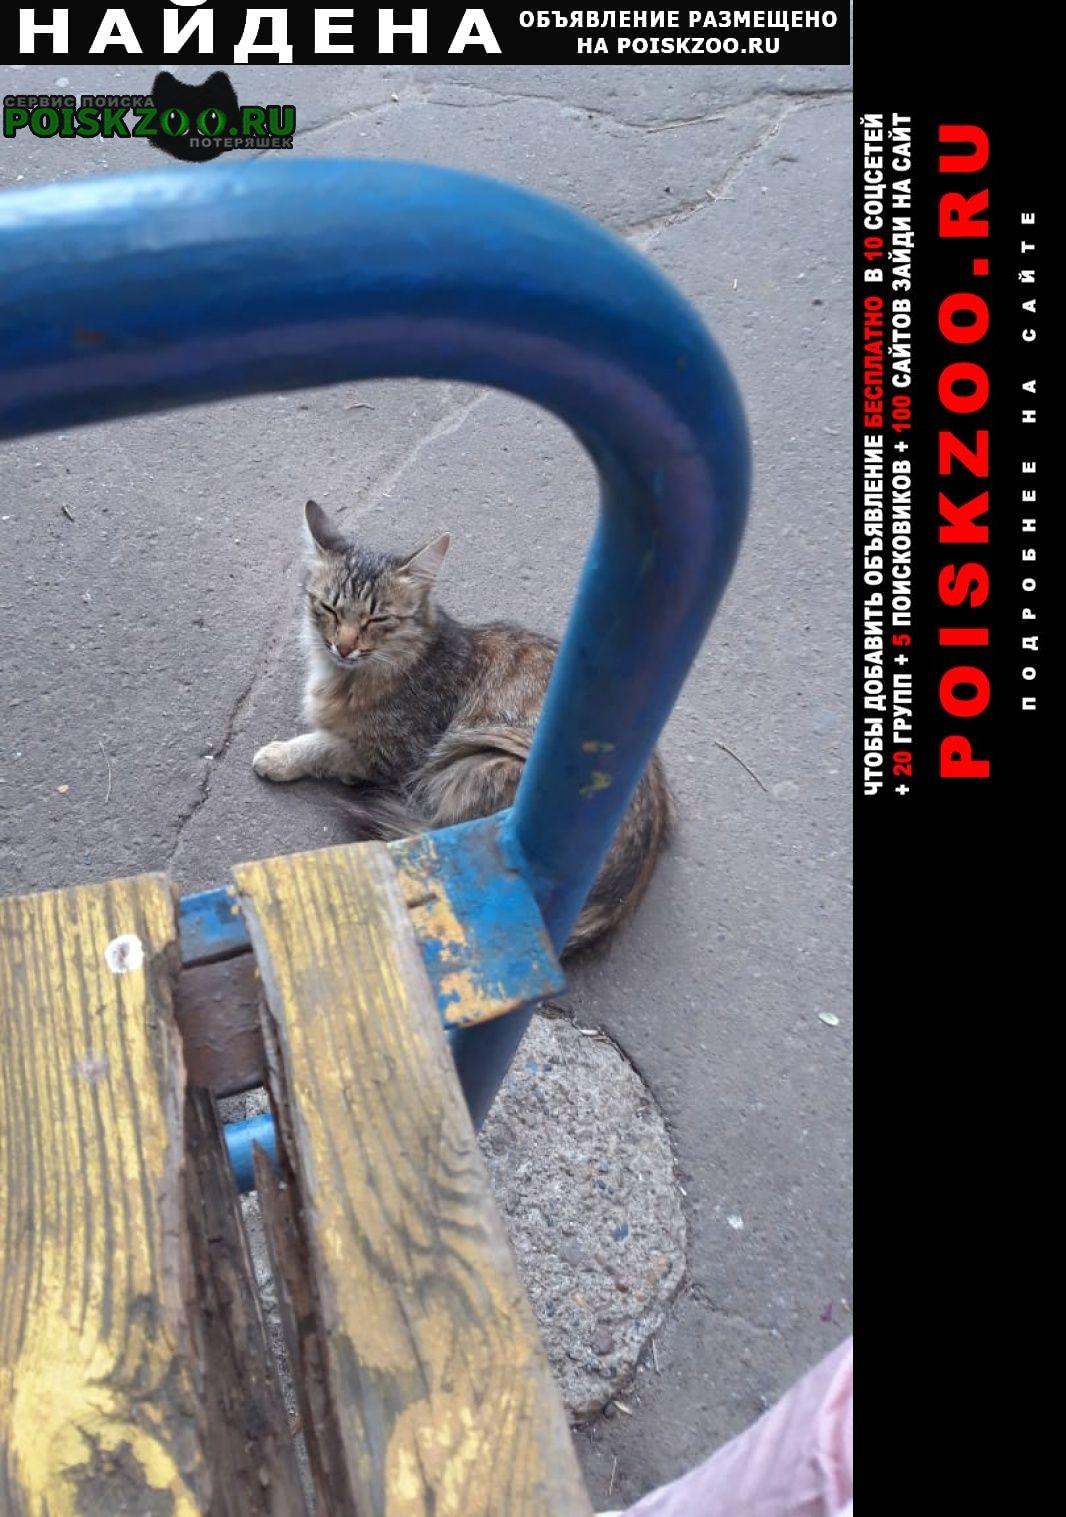 Найдена кошка двор минская 12 Казань